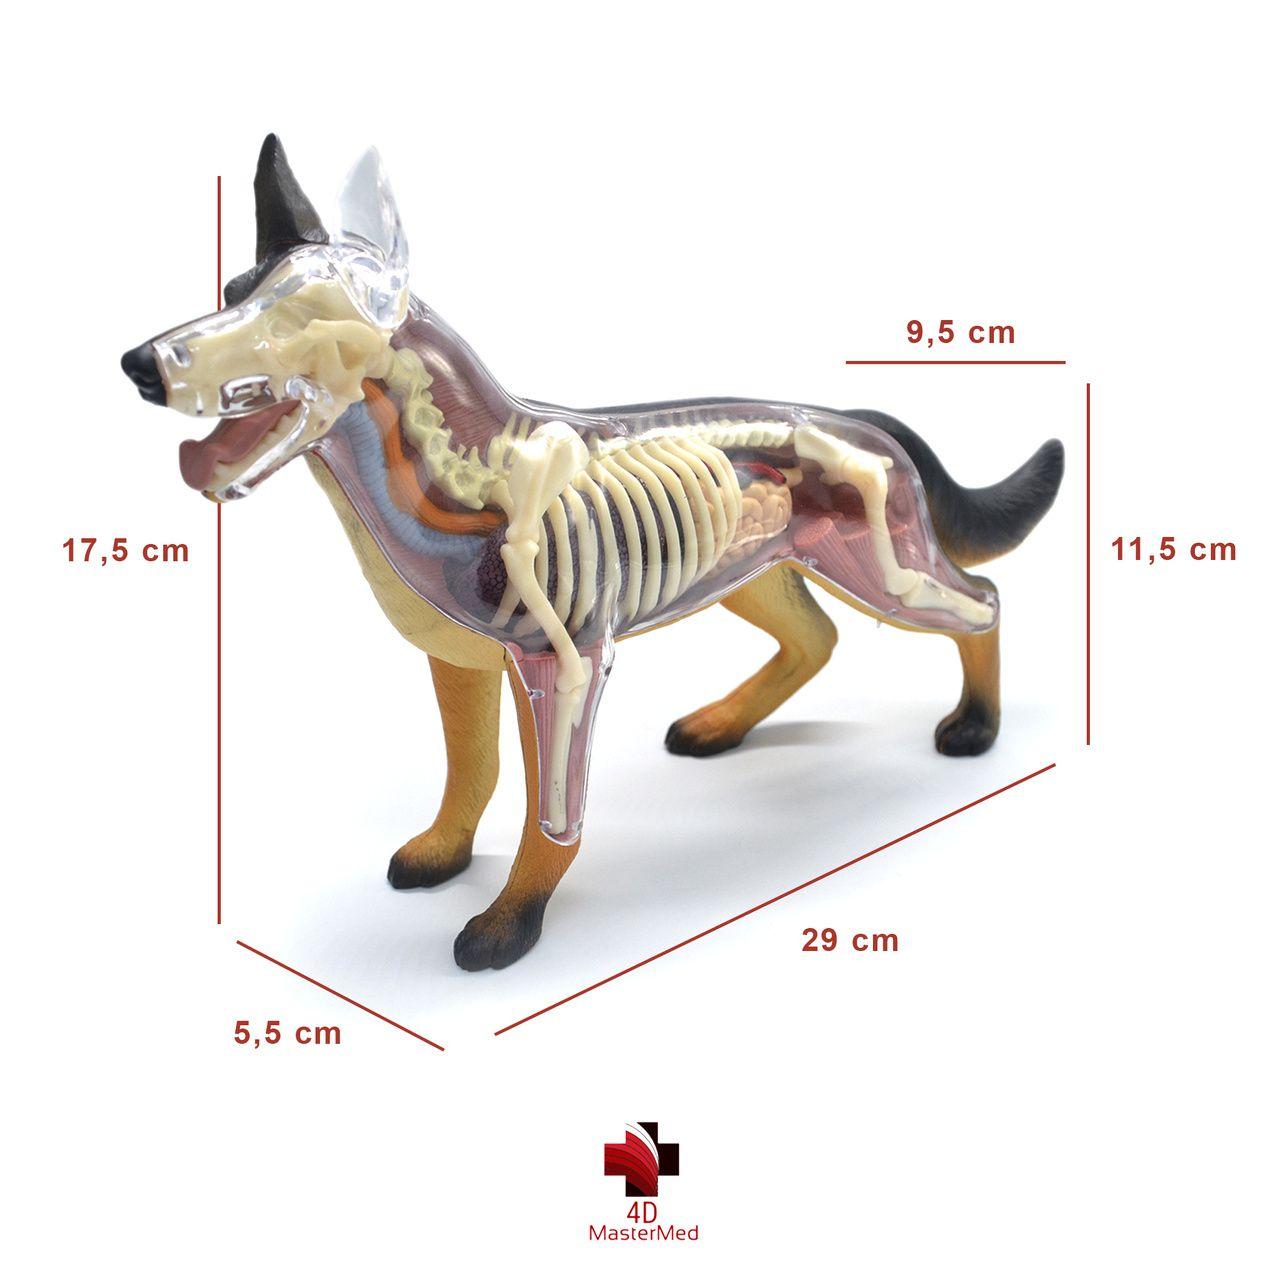 Kit Veterinário para estudo - Cachorro e Vaca